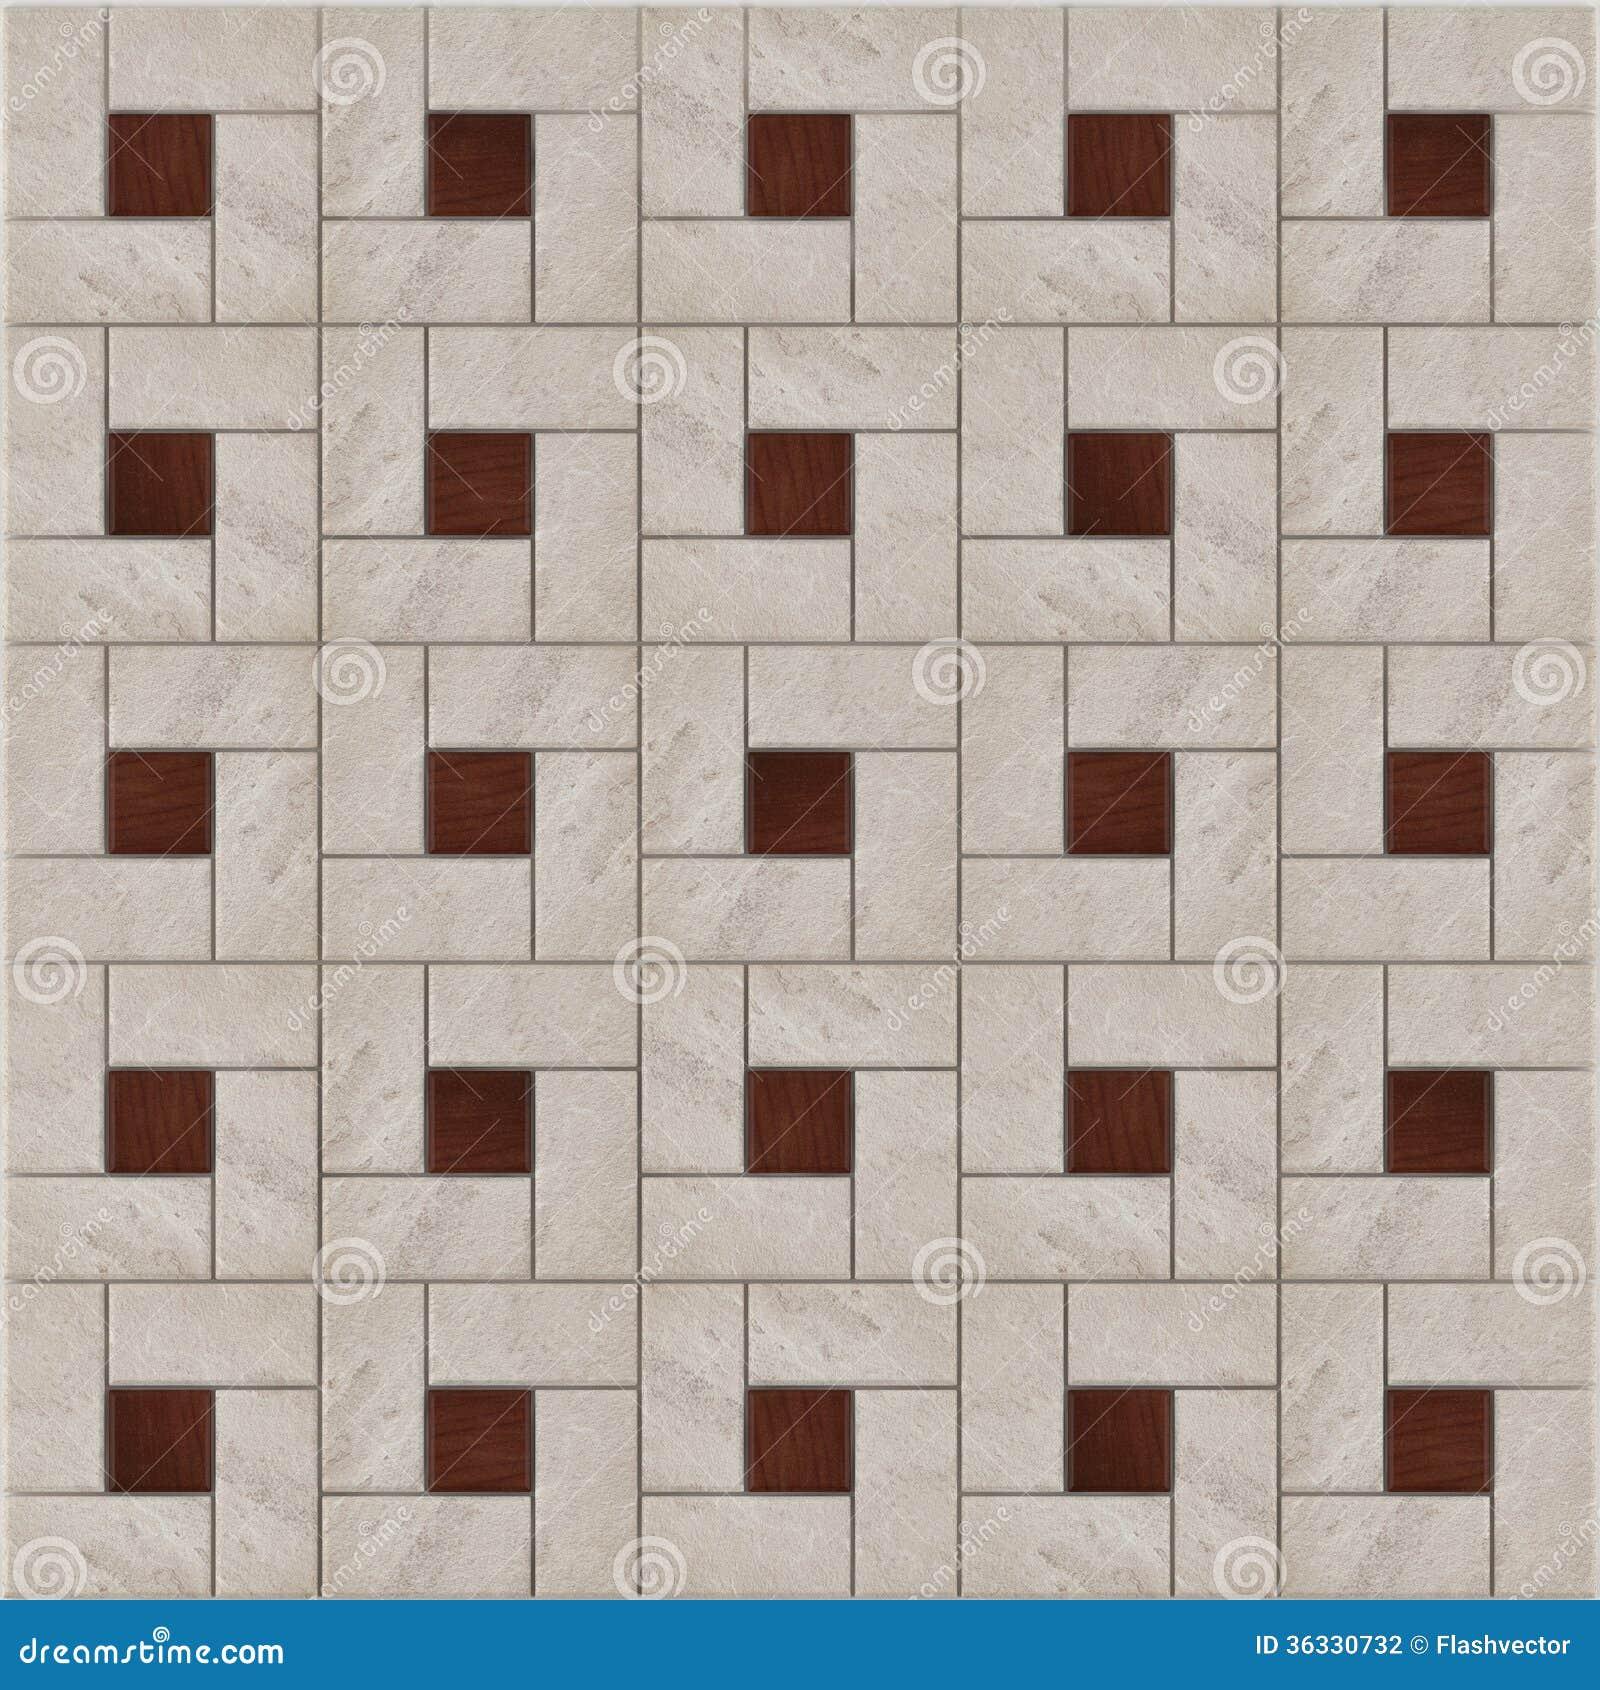 Stone Floor Patterns : Stone floor pattern tiles stock illustration